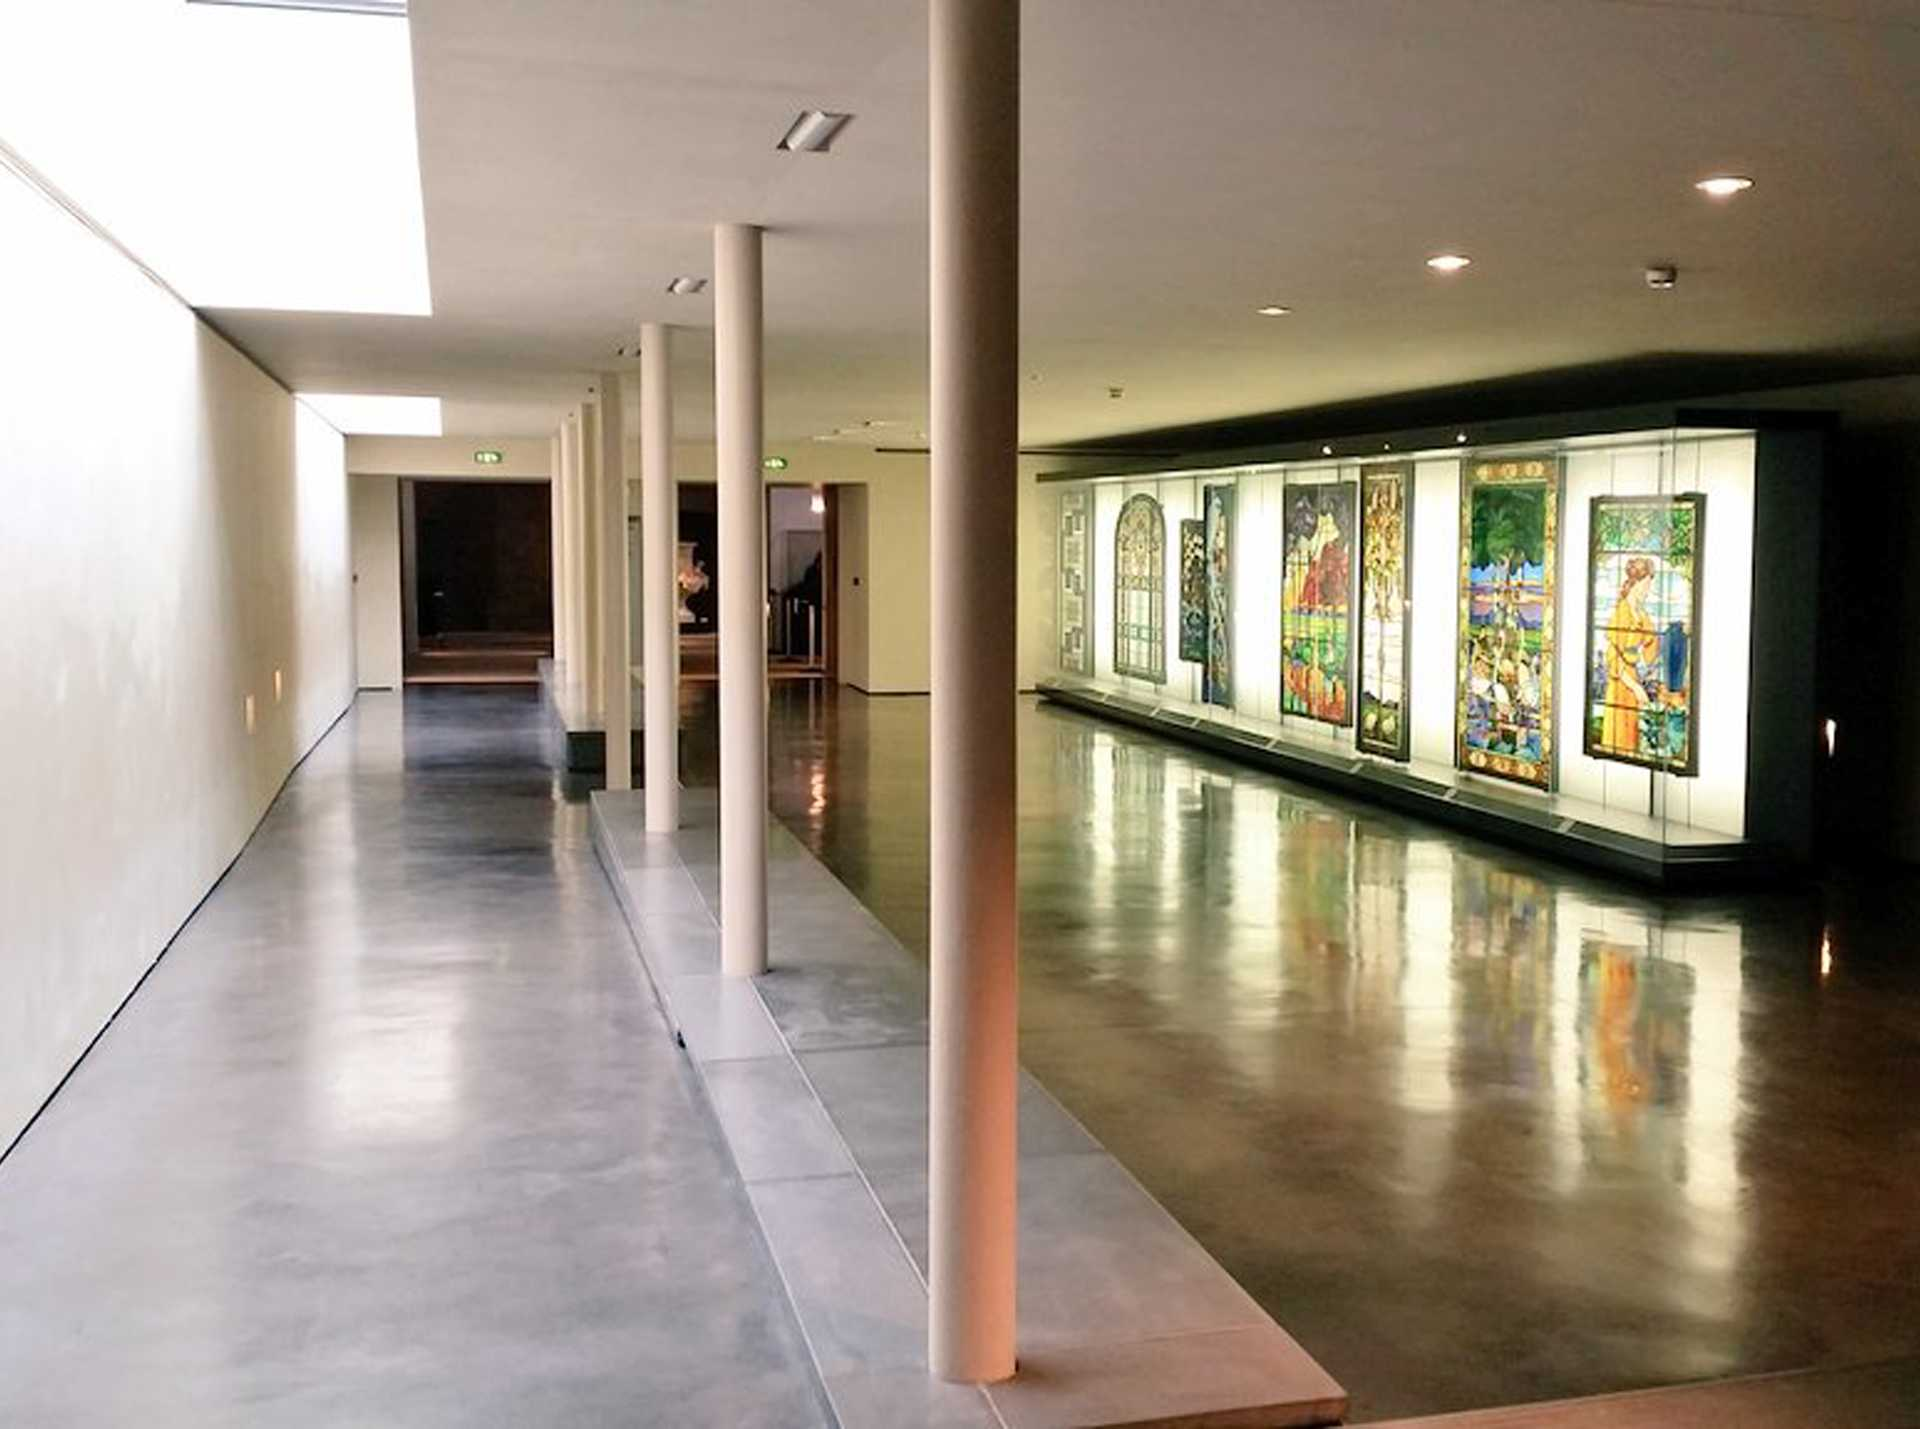 Vitraux de Francis Chigot exposés dans la Galerie de liaison du Musée BAL, Limoges © Mariette Escalier